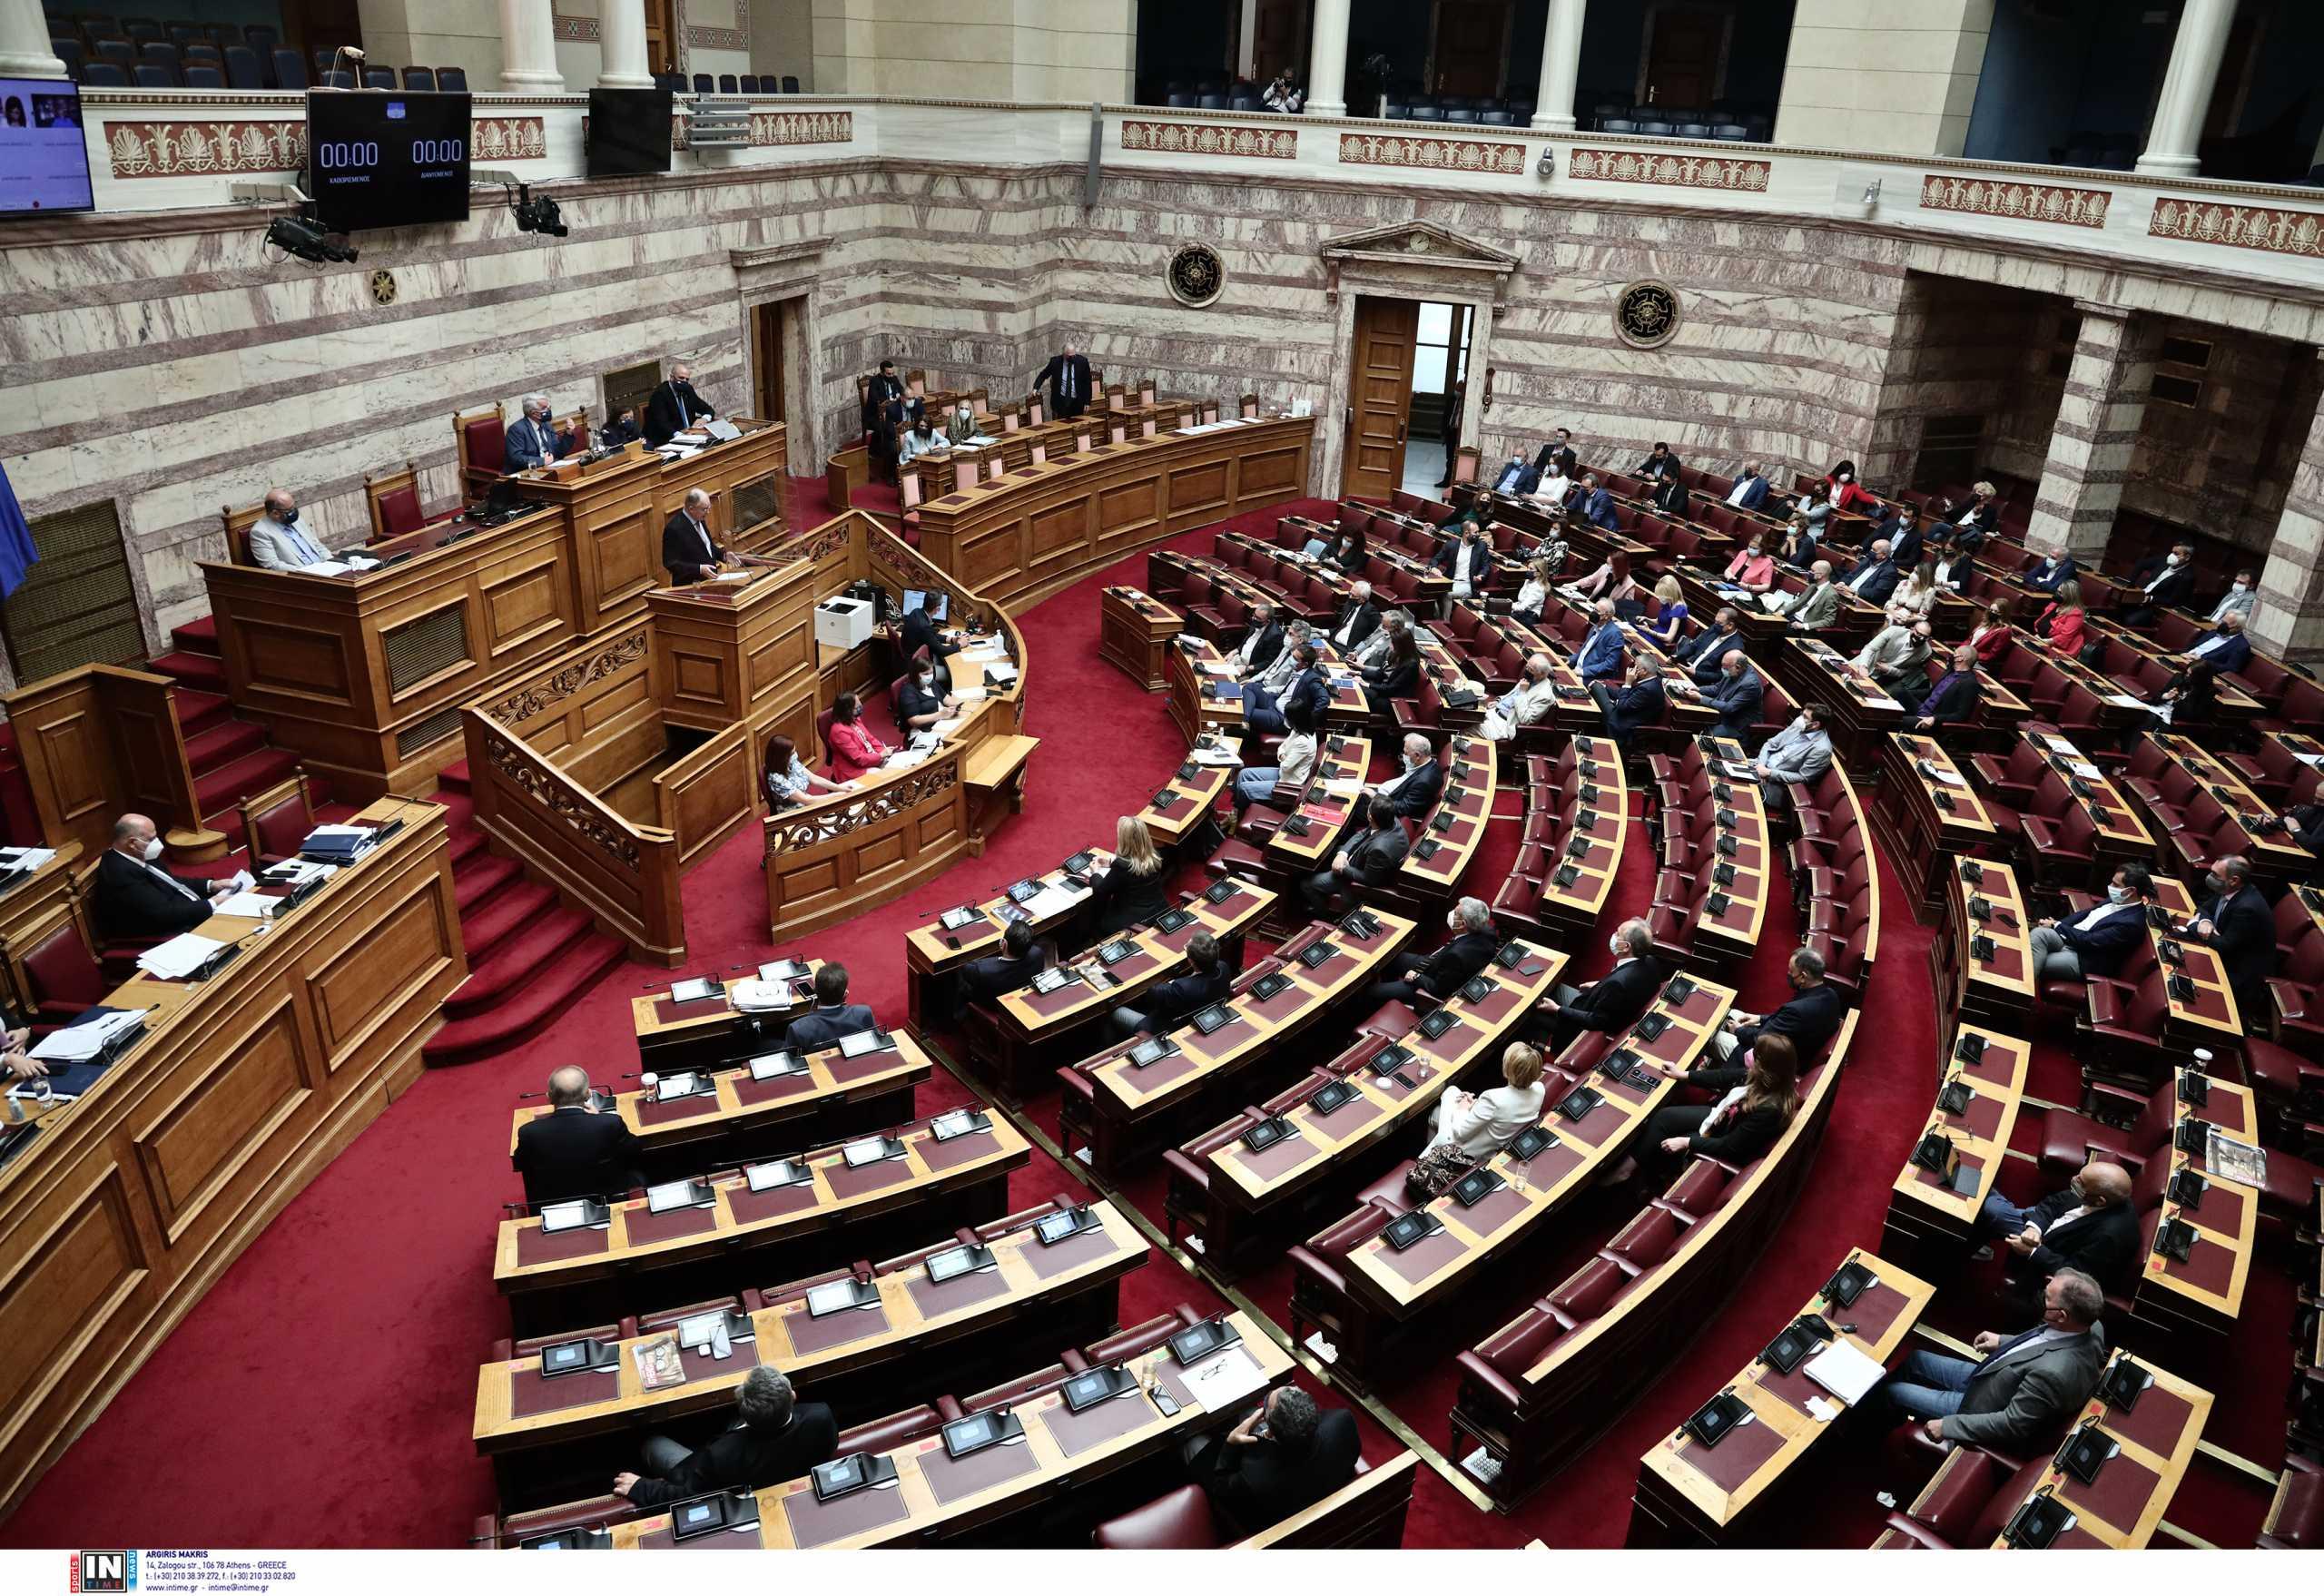 Βουλή: Ψηφίστηκε το νομοσχέδιο για τη διαχείριση των απορριμάτων